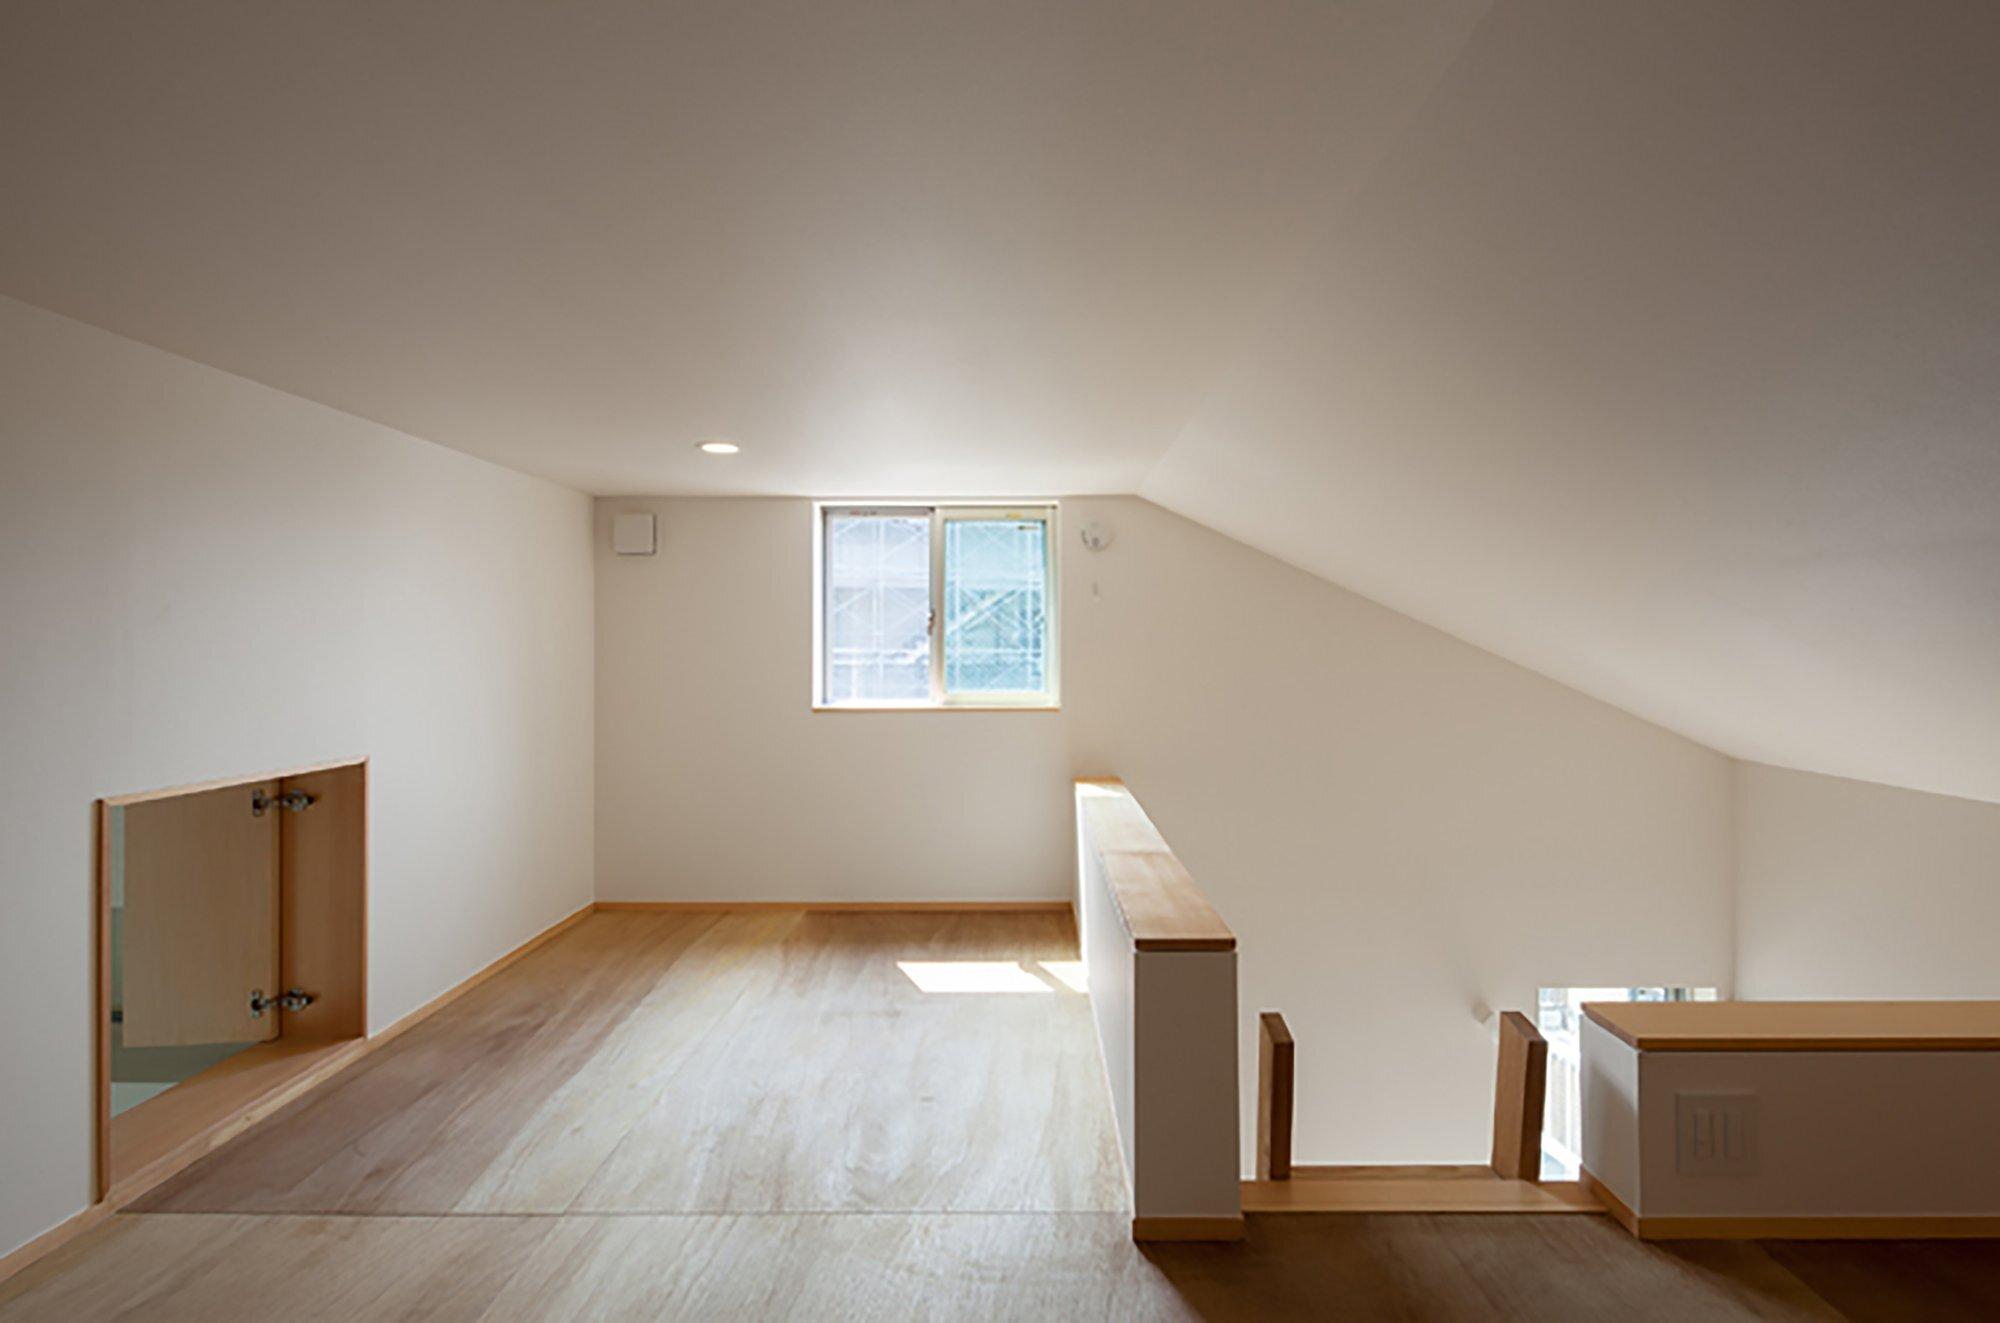 Nakano Fireproof Wooden House - Masashi Ogihara - Nakano, Japan - Small Japanese House - Loft - Humble Homes